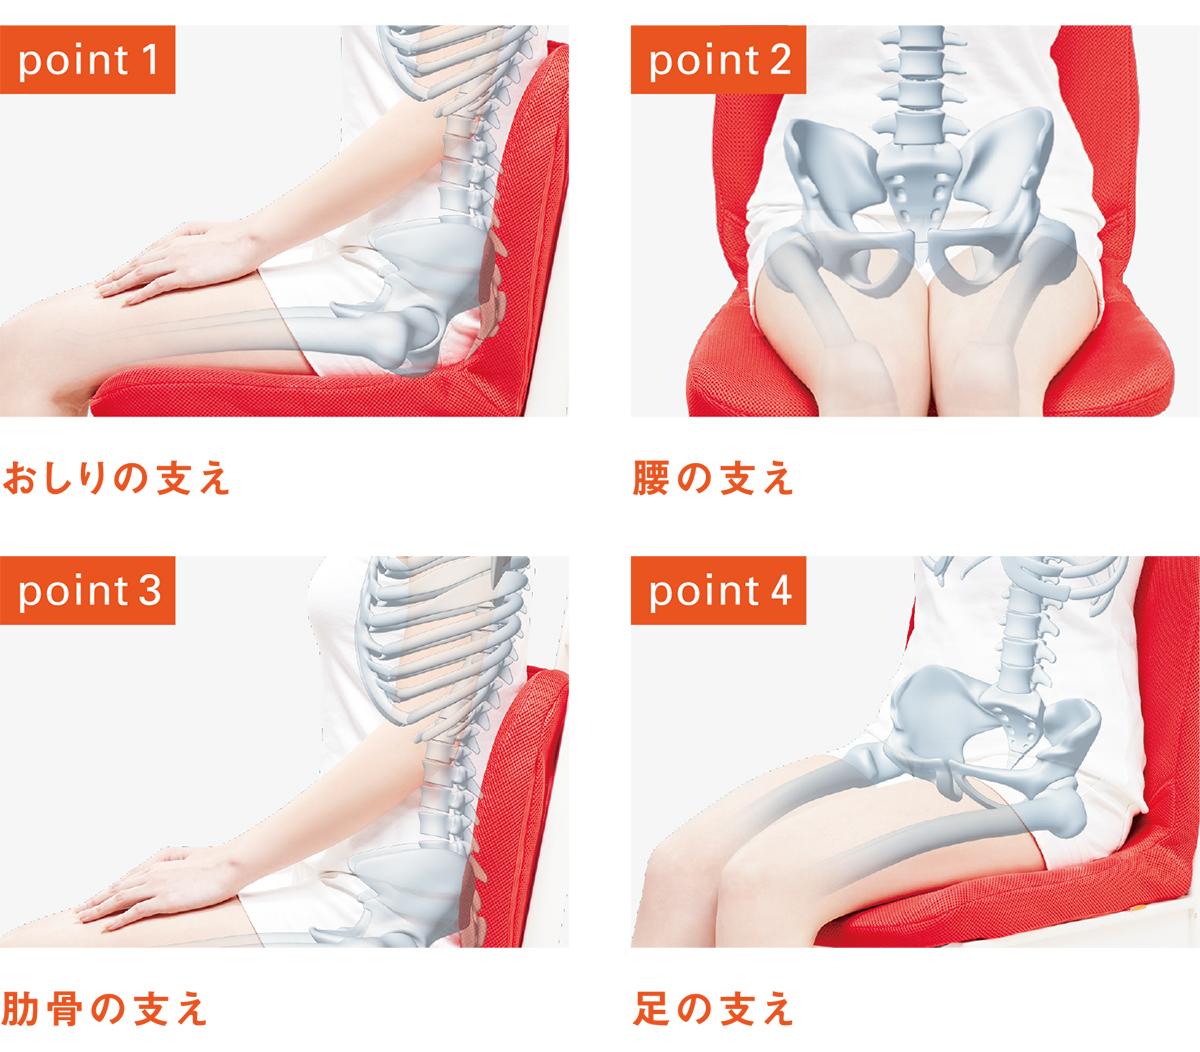 座り姿勢の支点となる「腰」「肋骨」「お尻」「太もも周り」が崩れないように、私たちの体を支えてくれます。驚くほど腰がラクなのに、正しい姿勢が習慣化する「チェアシート(椅子クッション)」|P!nto